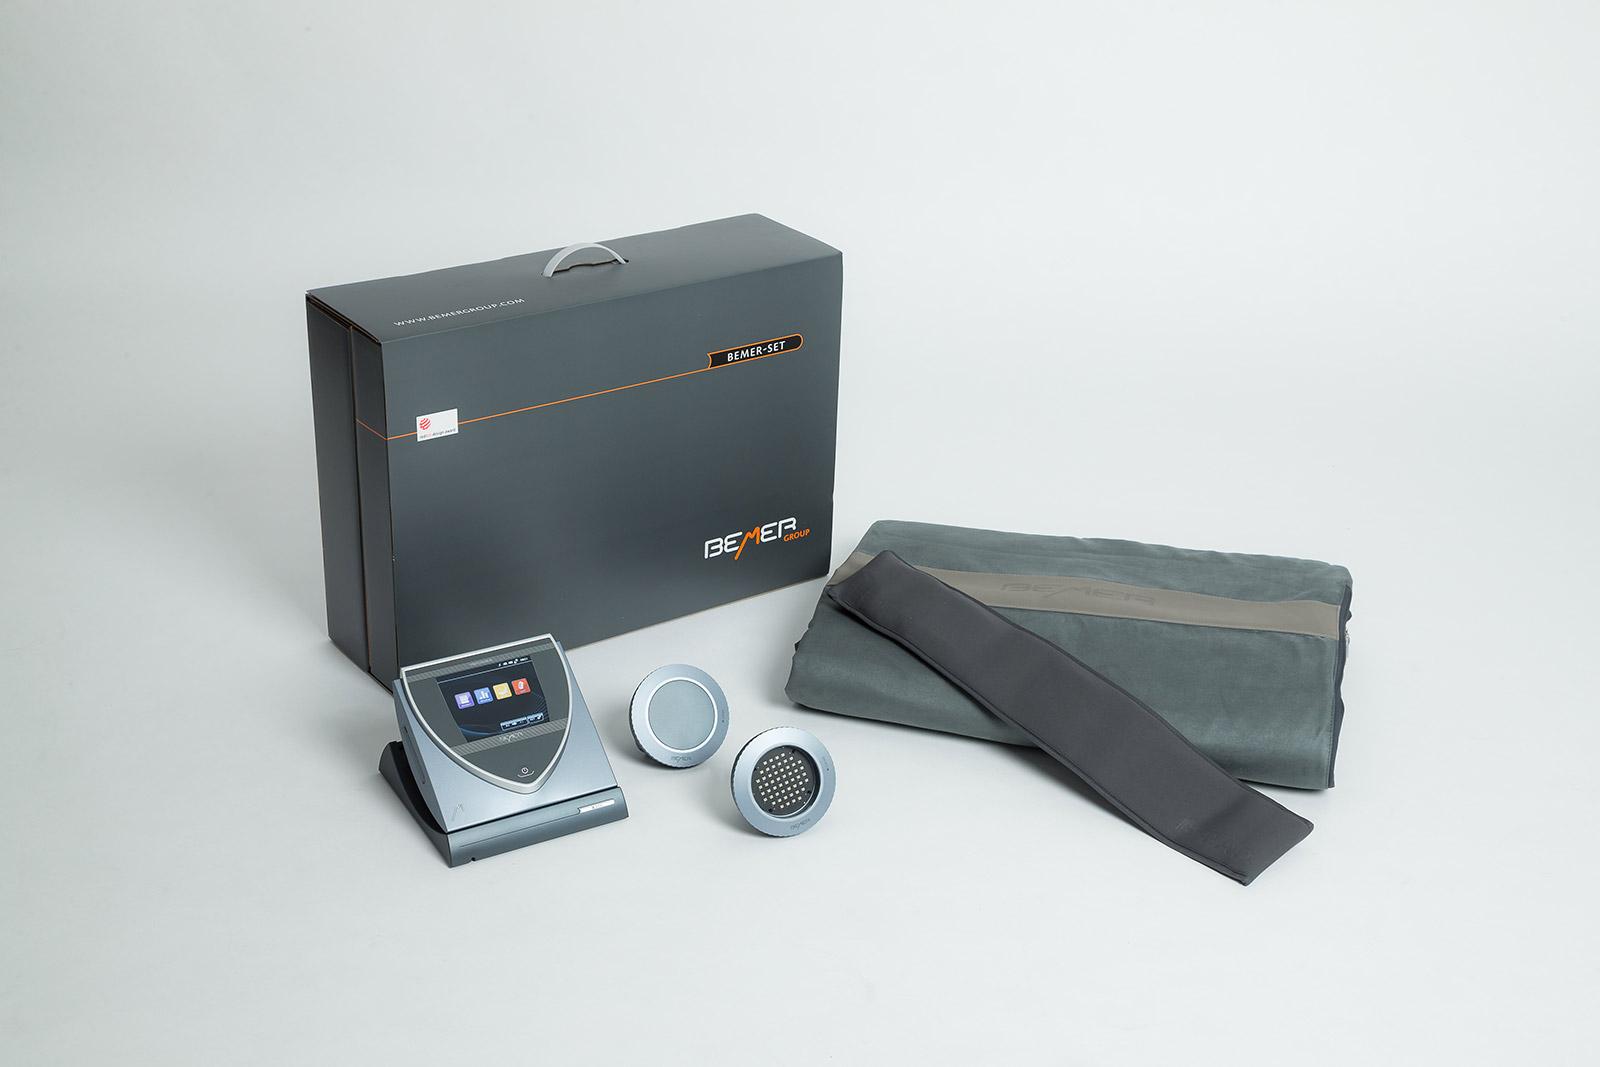 Grösseres Produkteset mit Basicretusche. Der Bildschirm des Gerätes wurde separat fotografiert und in die Aufnahme eingepasst.